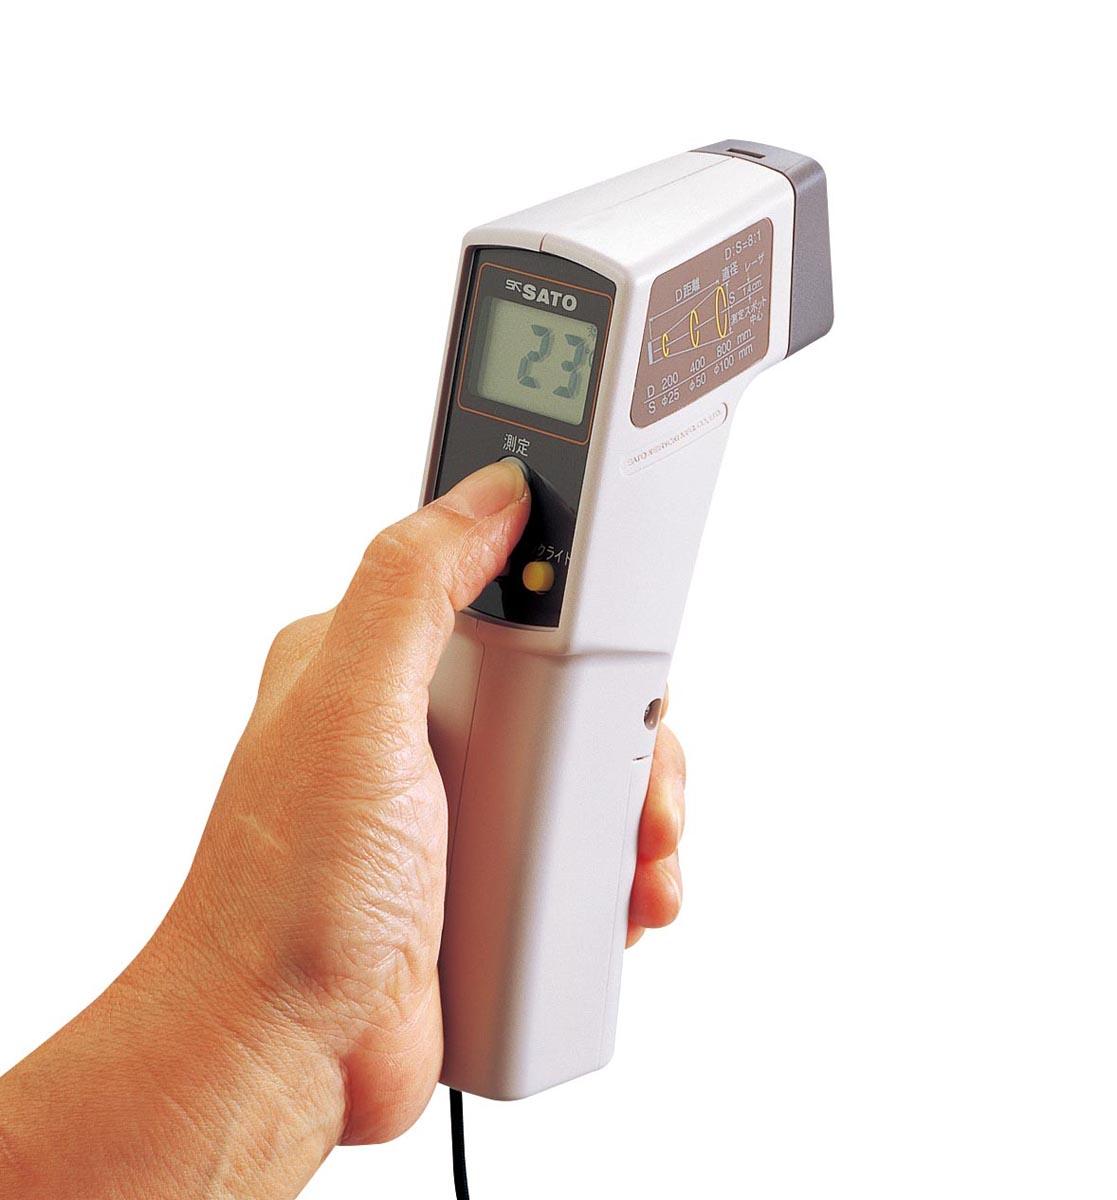 佐藤計量器製作所 放射温度計 SK-8700II